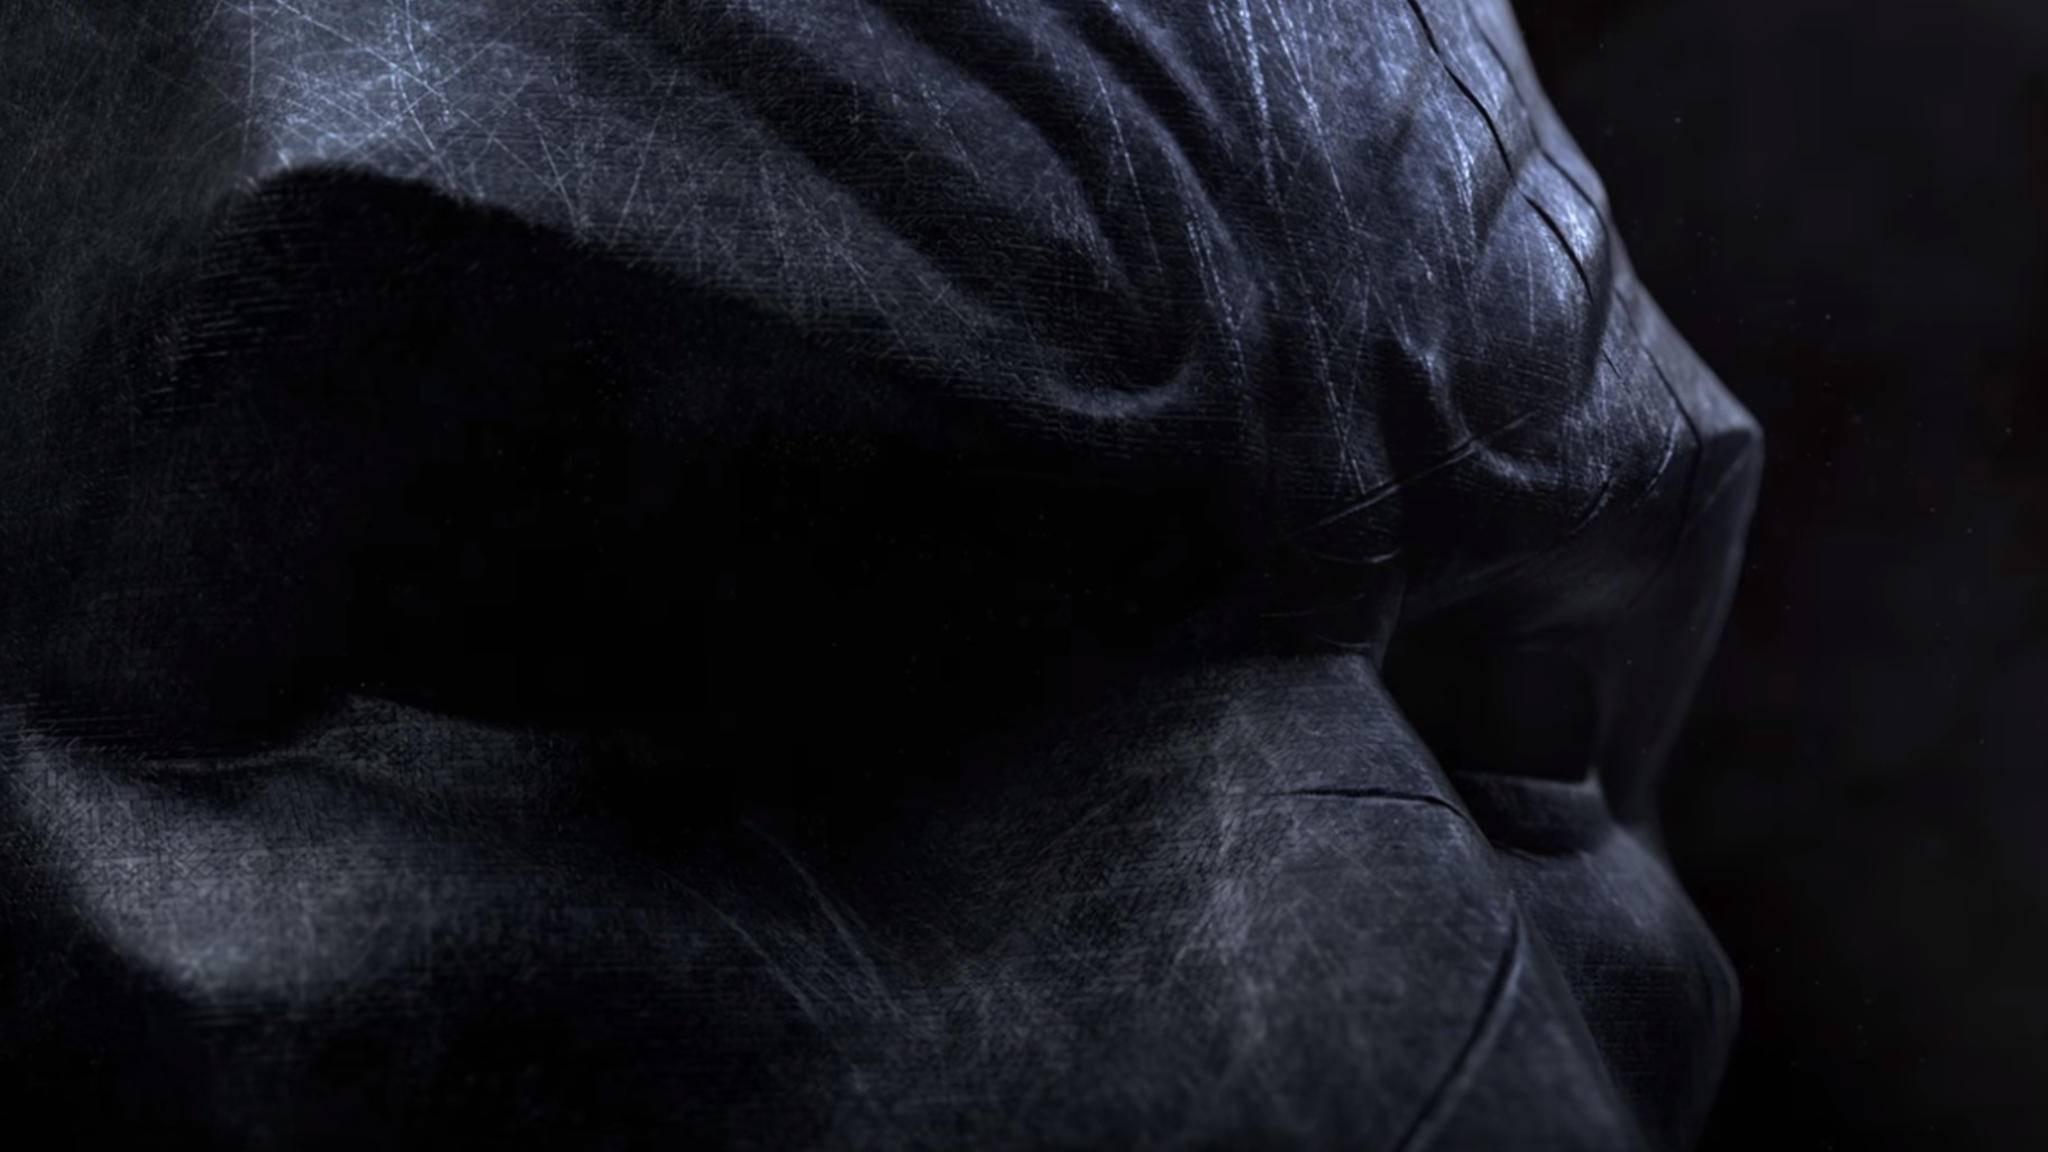 Jetzt guck doch nicht so! Das neue Batman-Spiel soll endlich gezeigt werden.